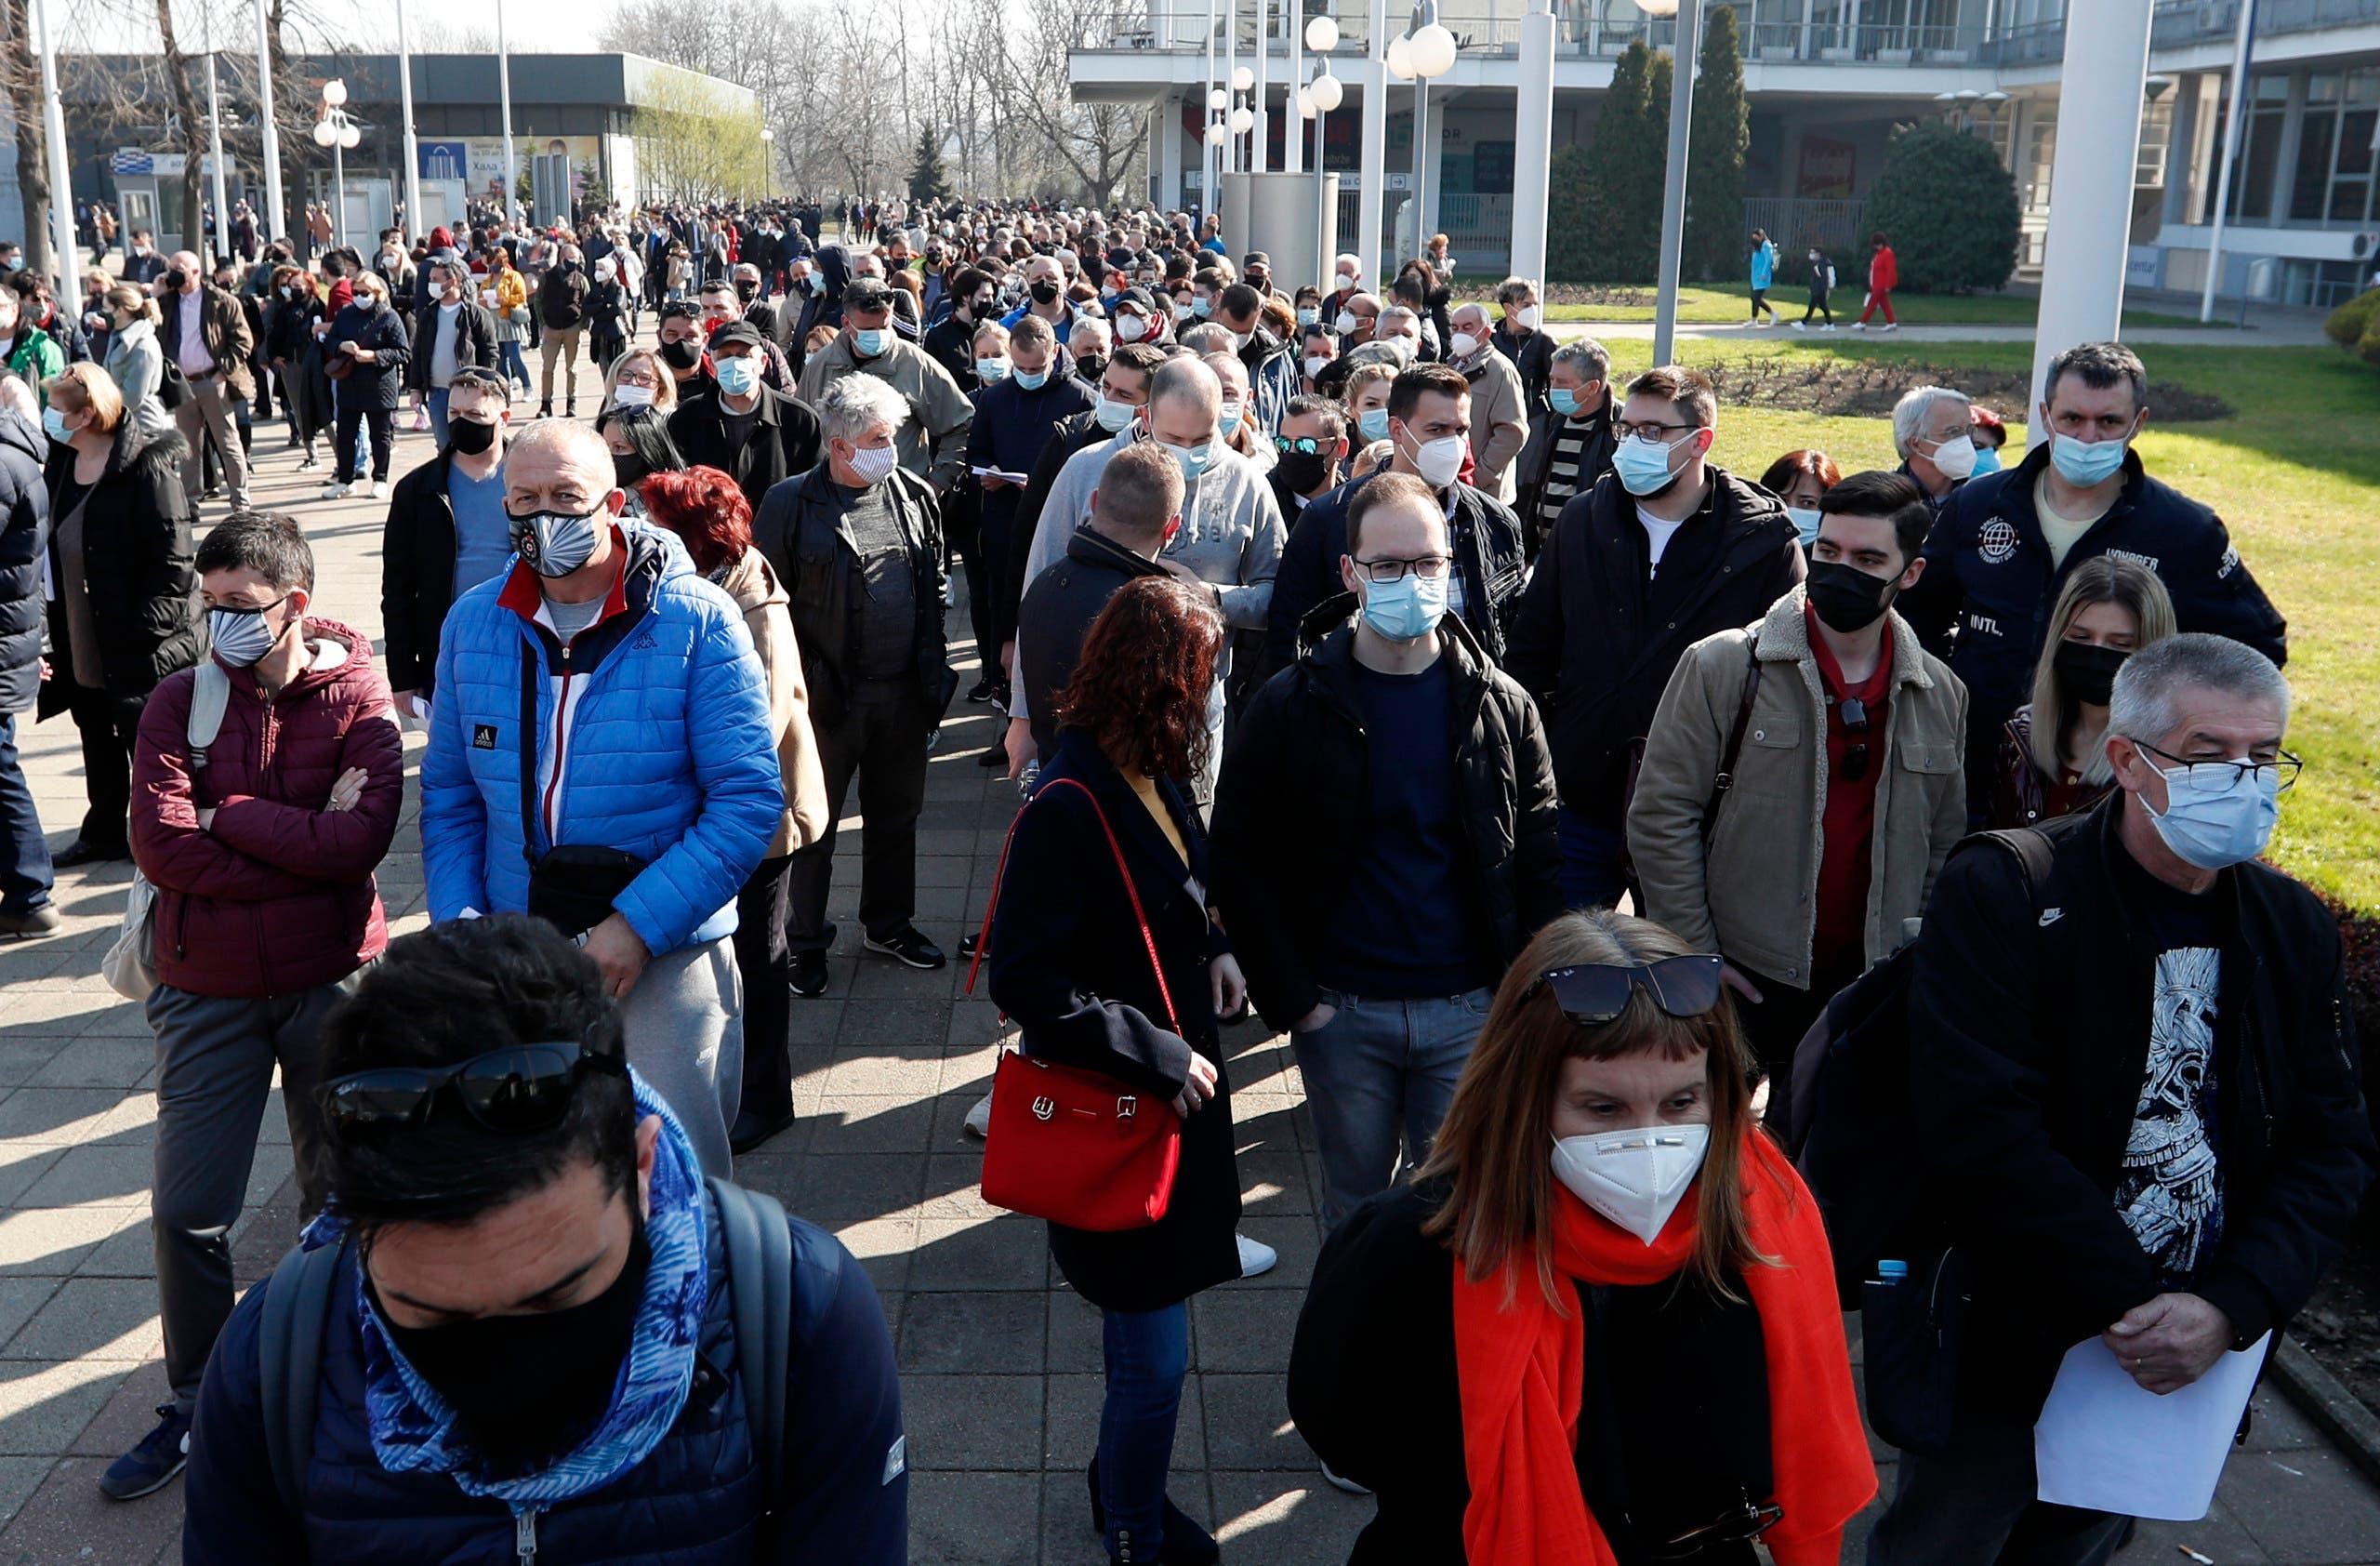 بلغراد میں ہفتے کے روز ویکسی نیشن مرکز کے باہر رش